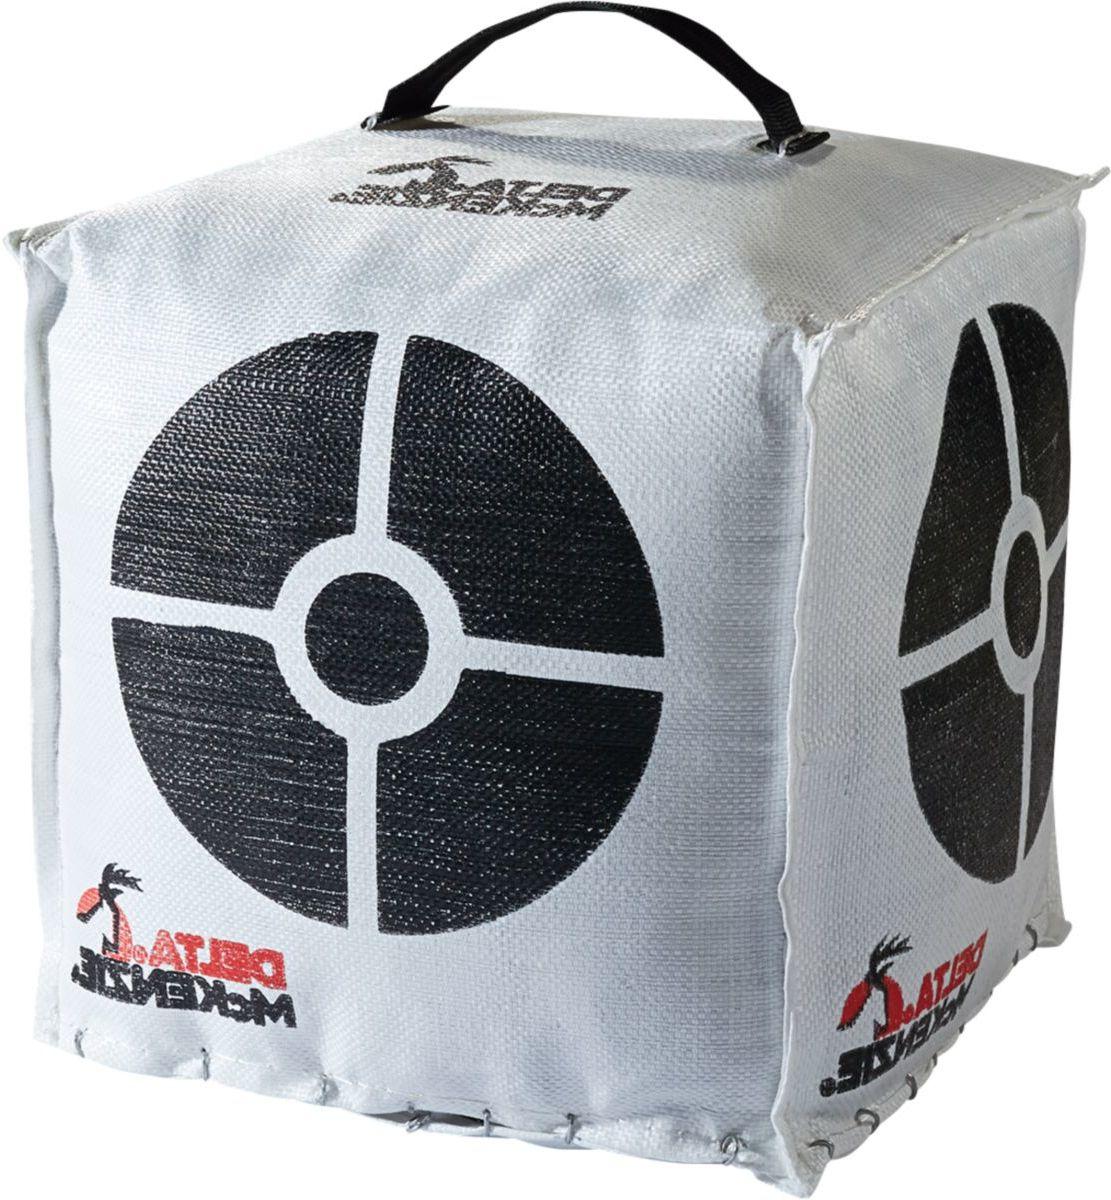 Delta McKenzie White Box Bag Archery Target